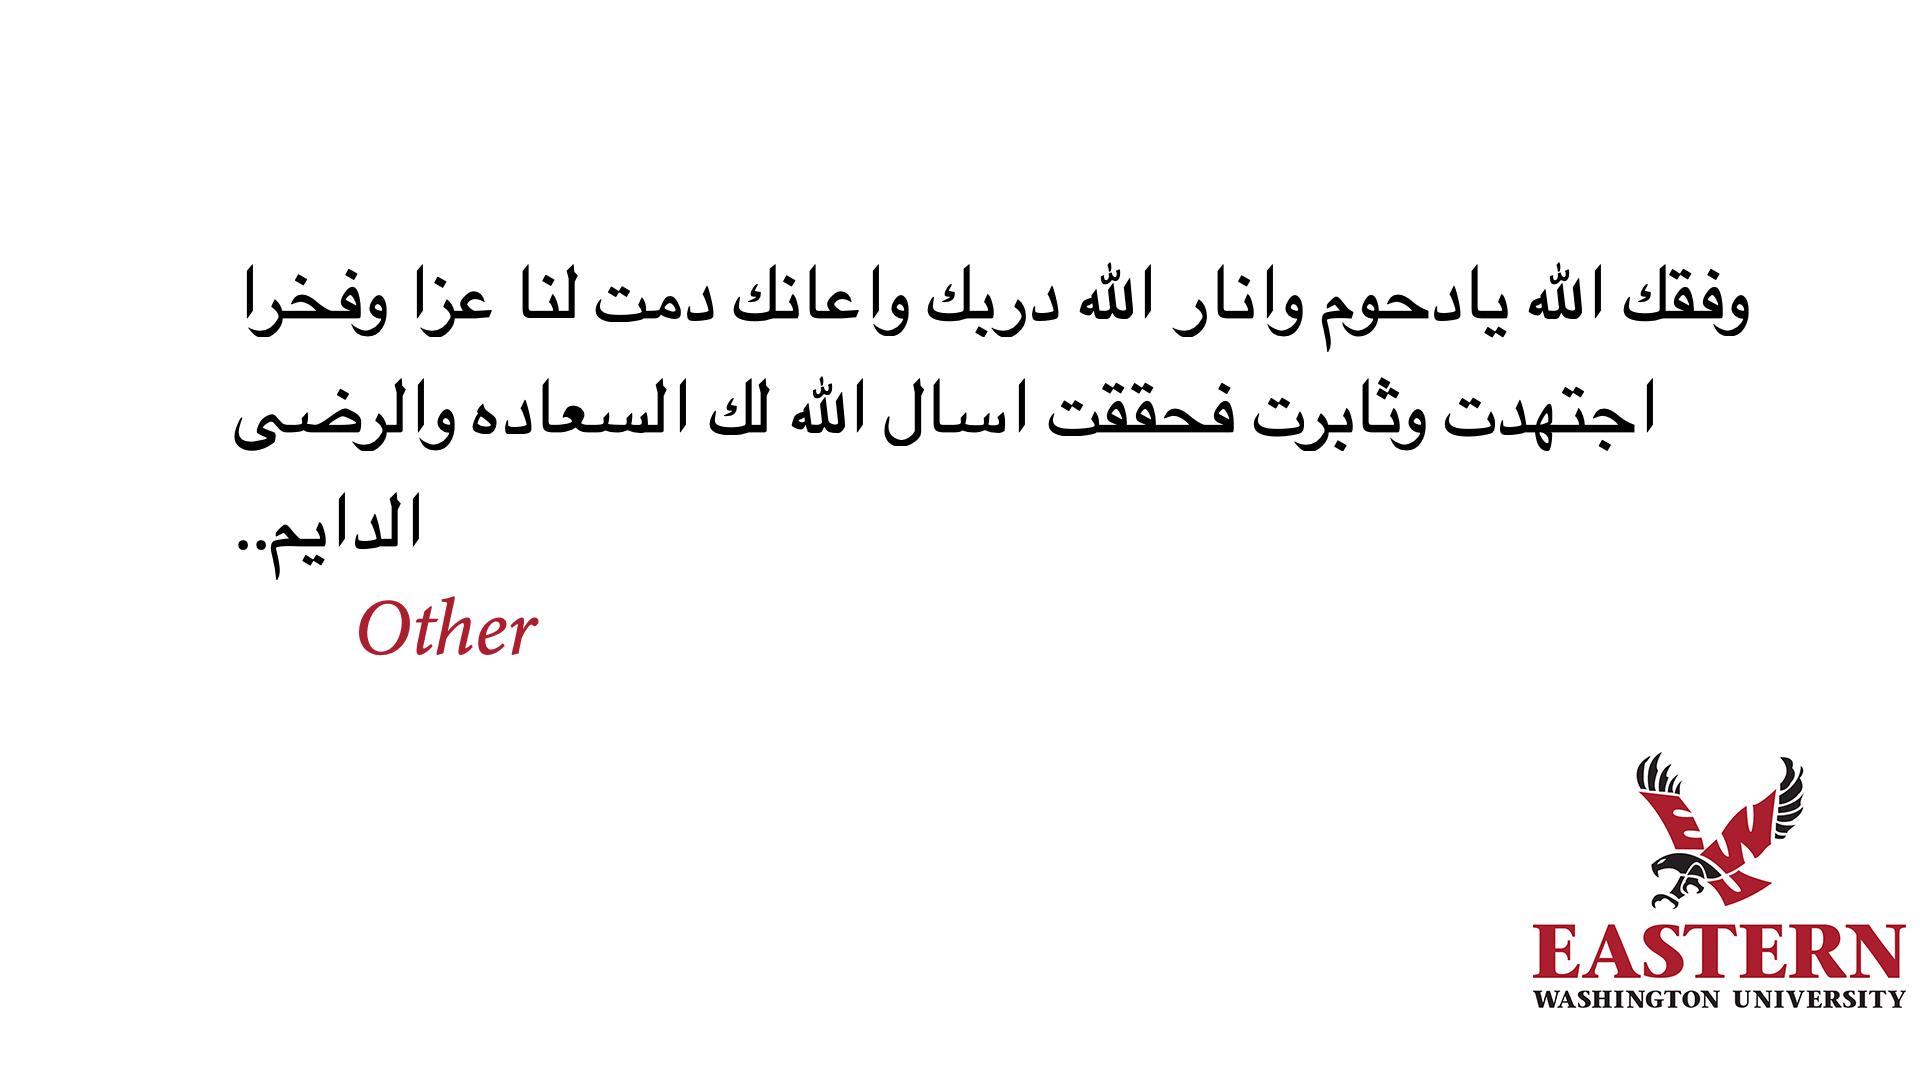 tbi_abdulrahman-abdullah-a_2294.png